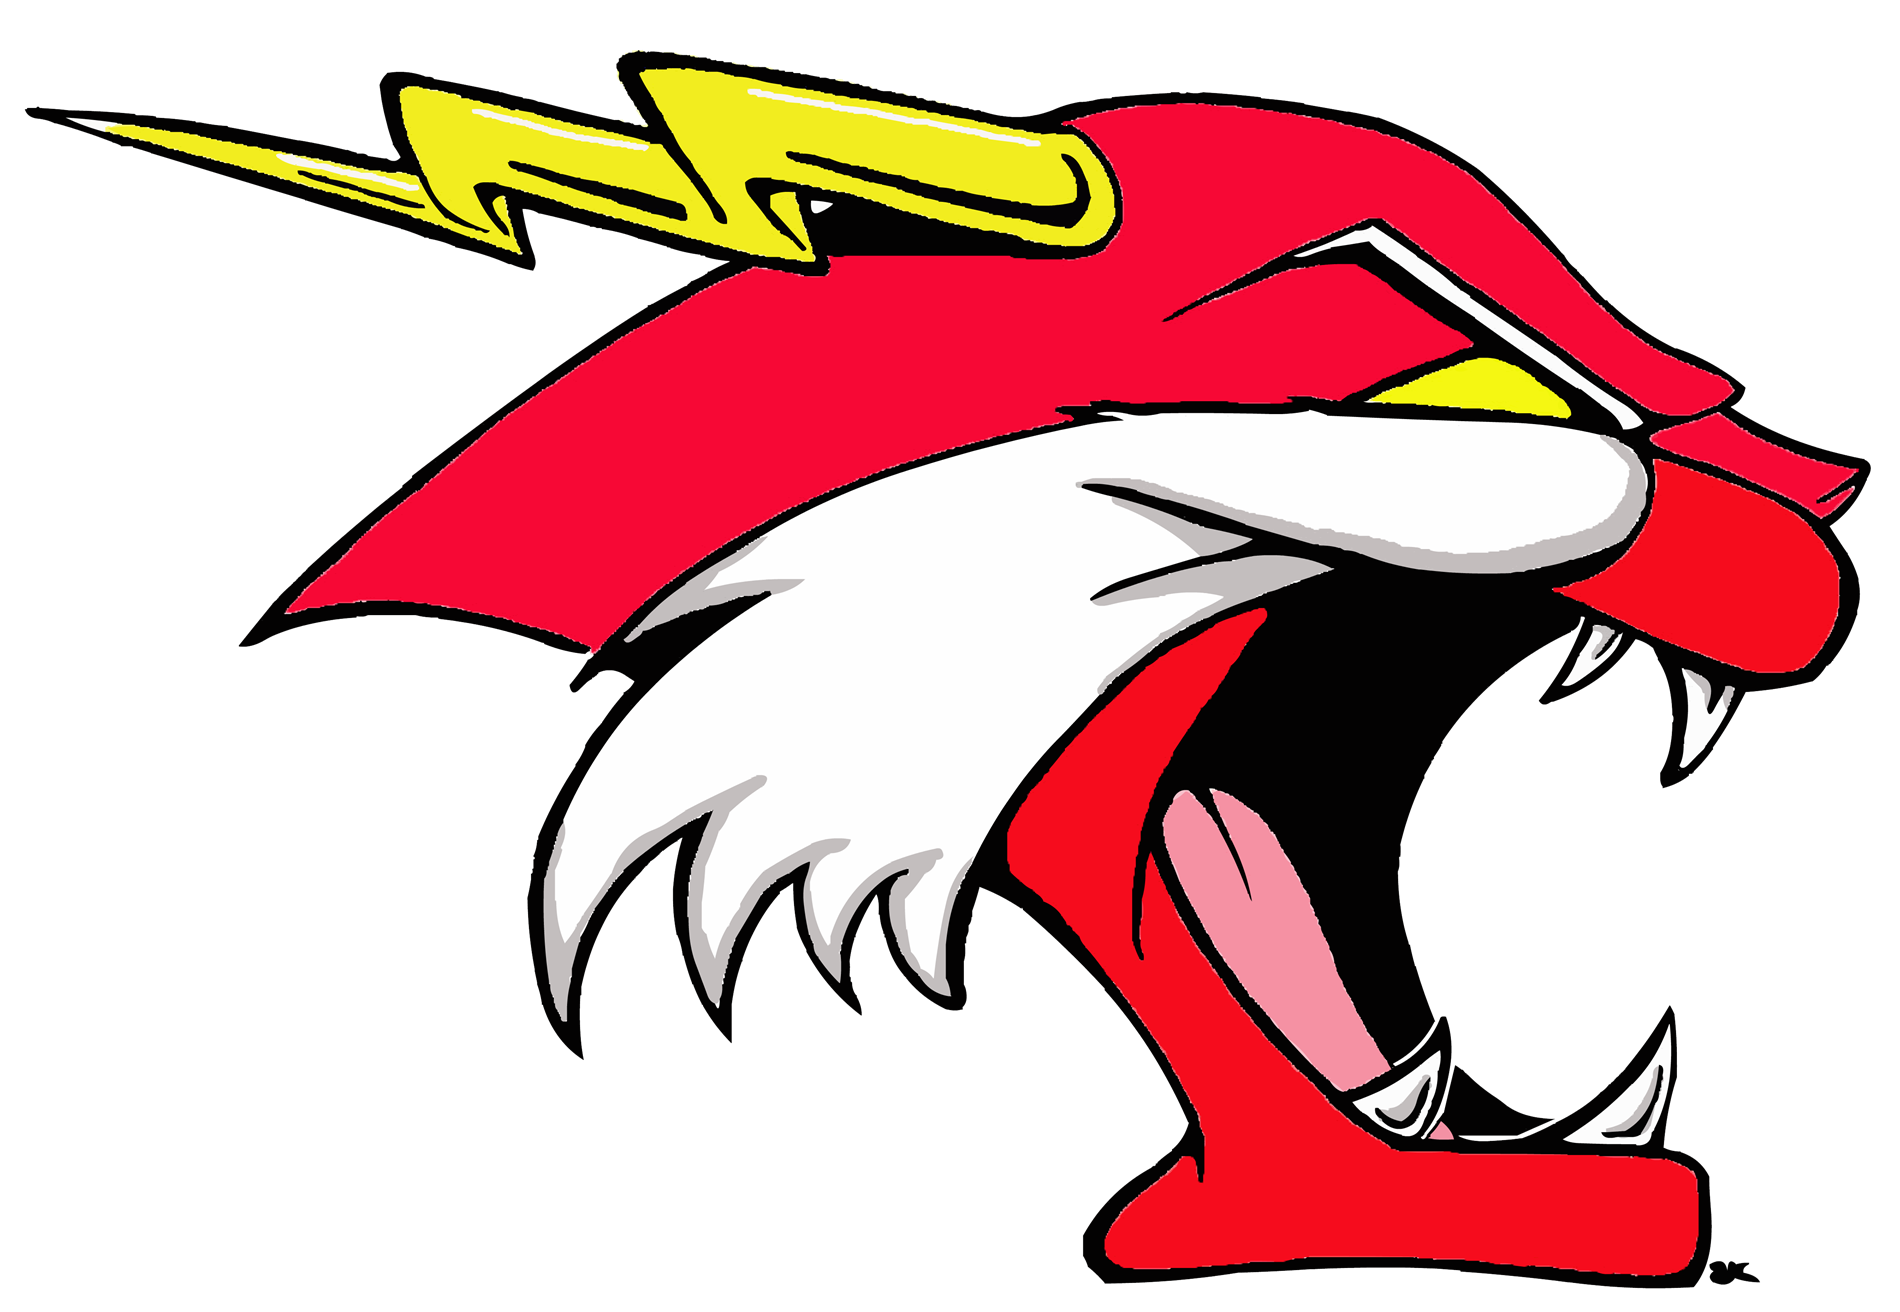 Thunderbolt MS Thundercats logo